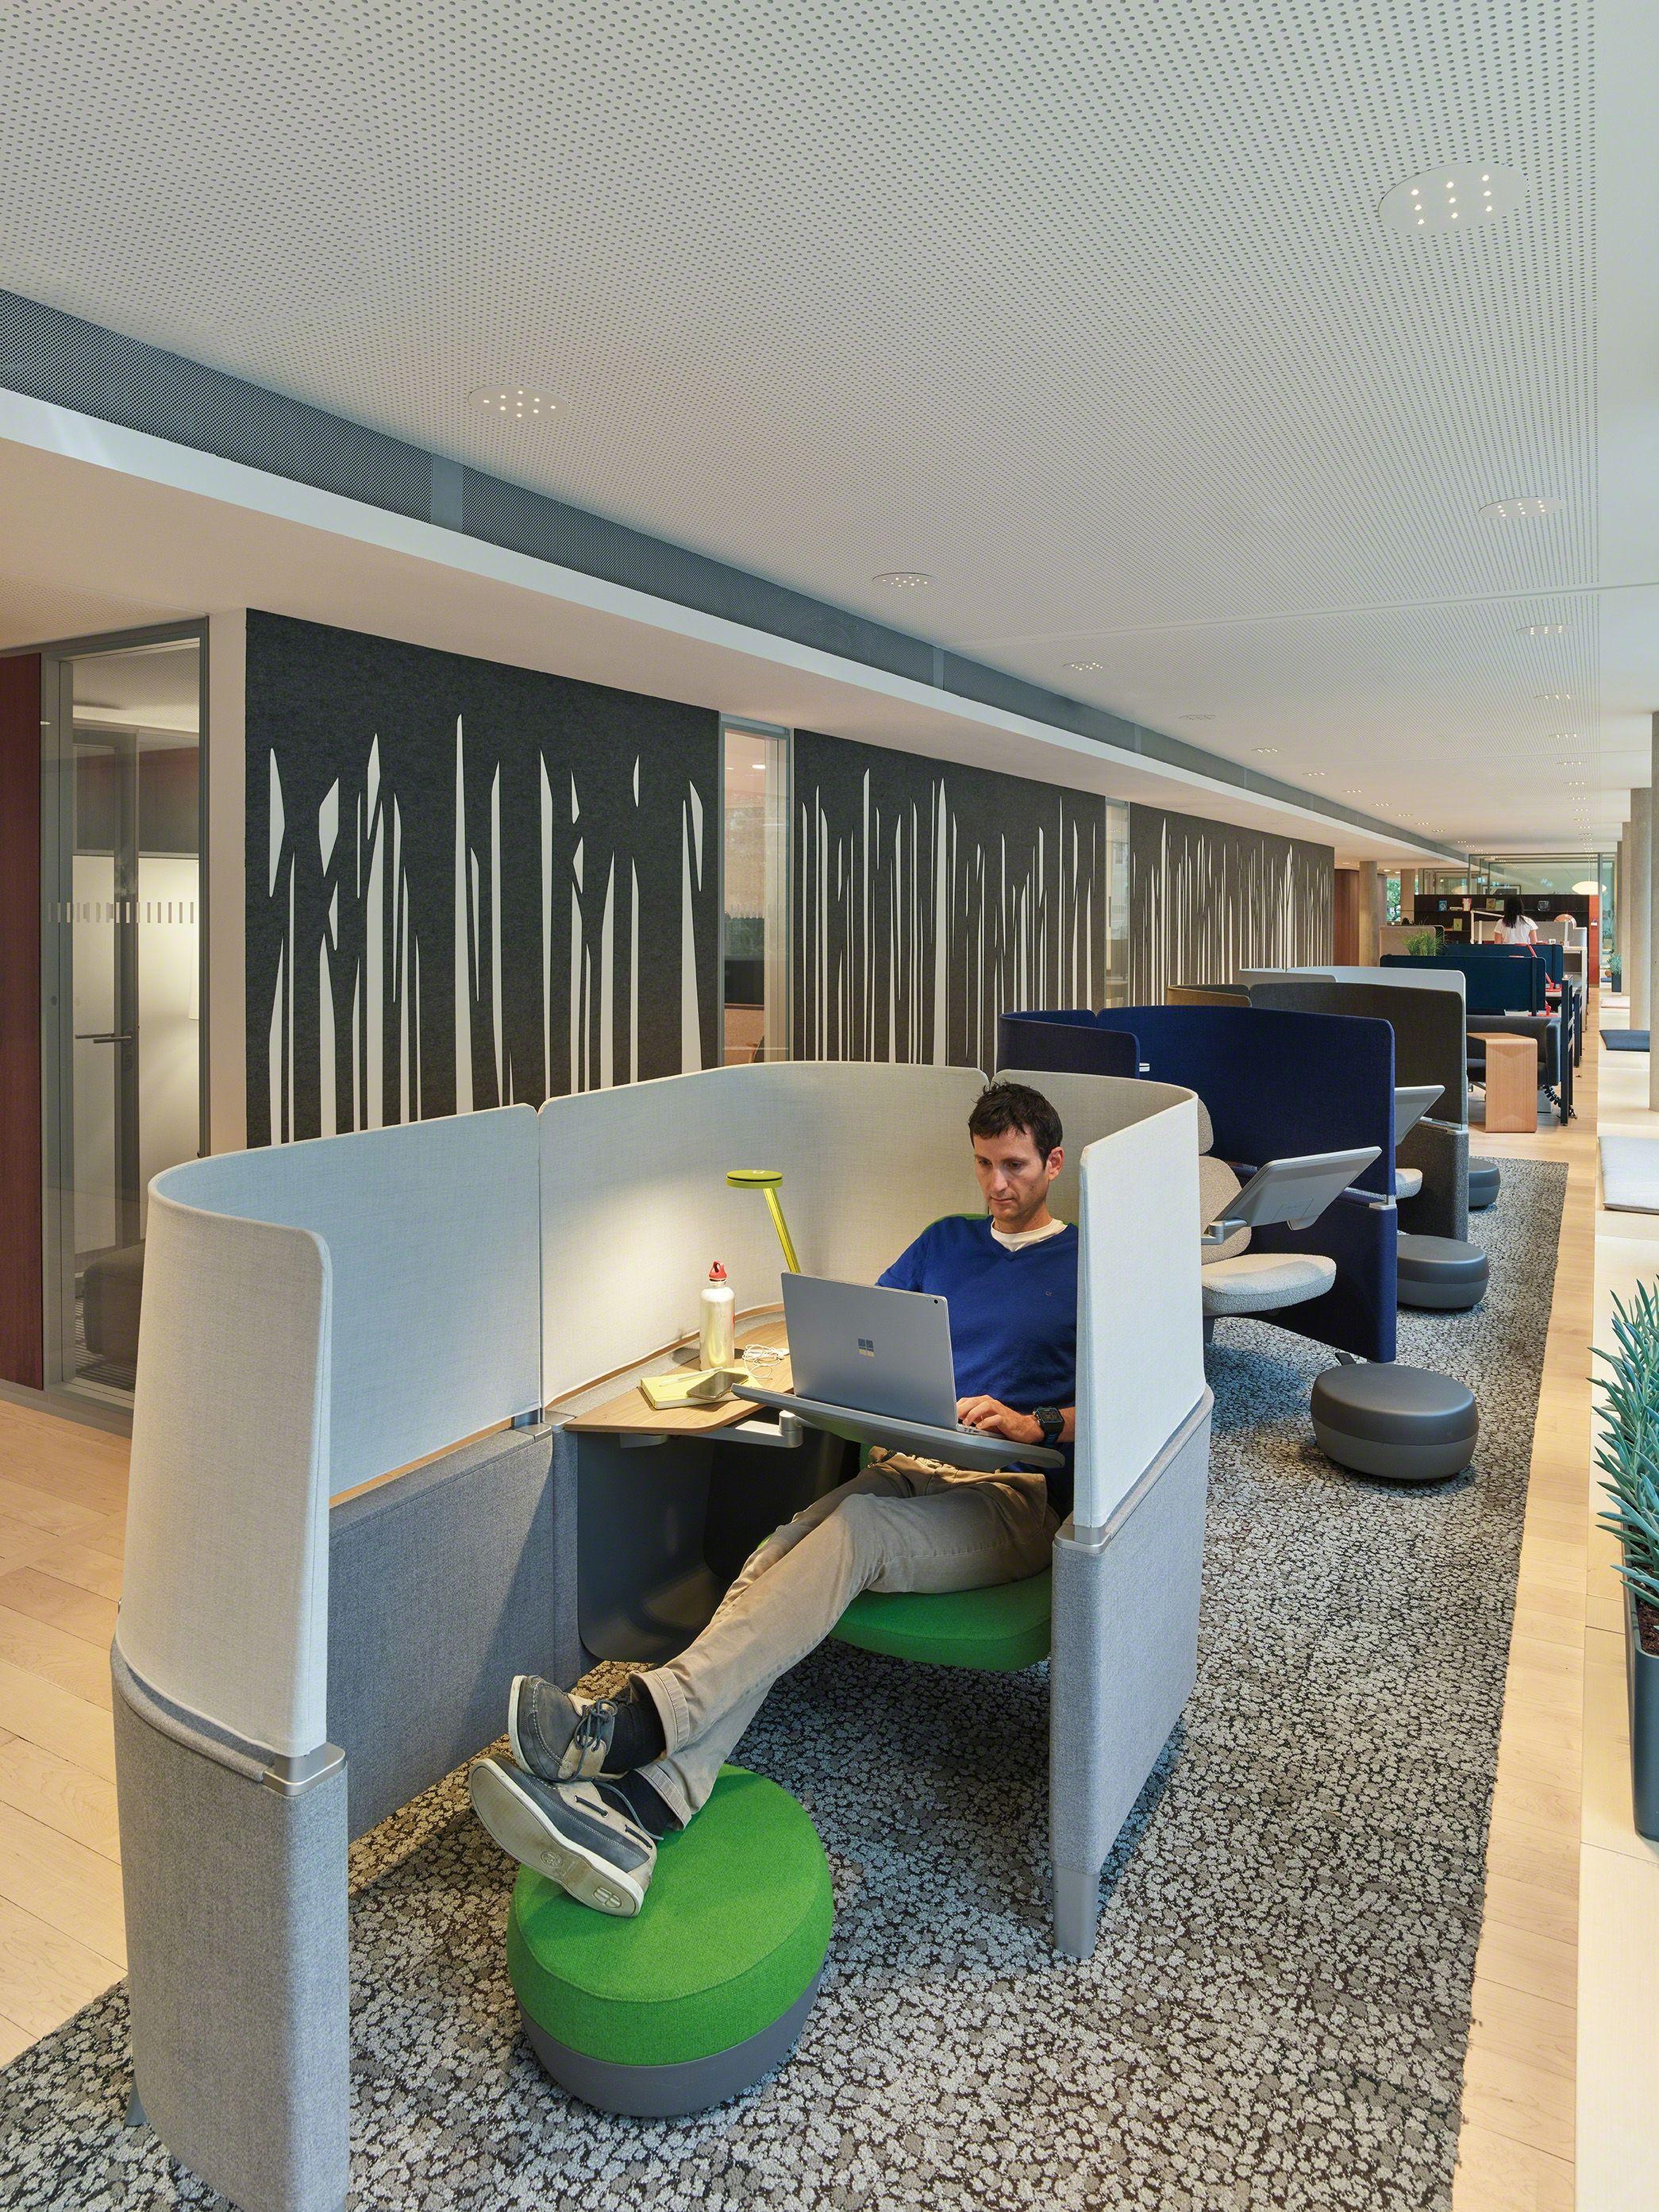 Brody 인테리어 인테리어 사무실 및 카페 디자인